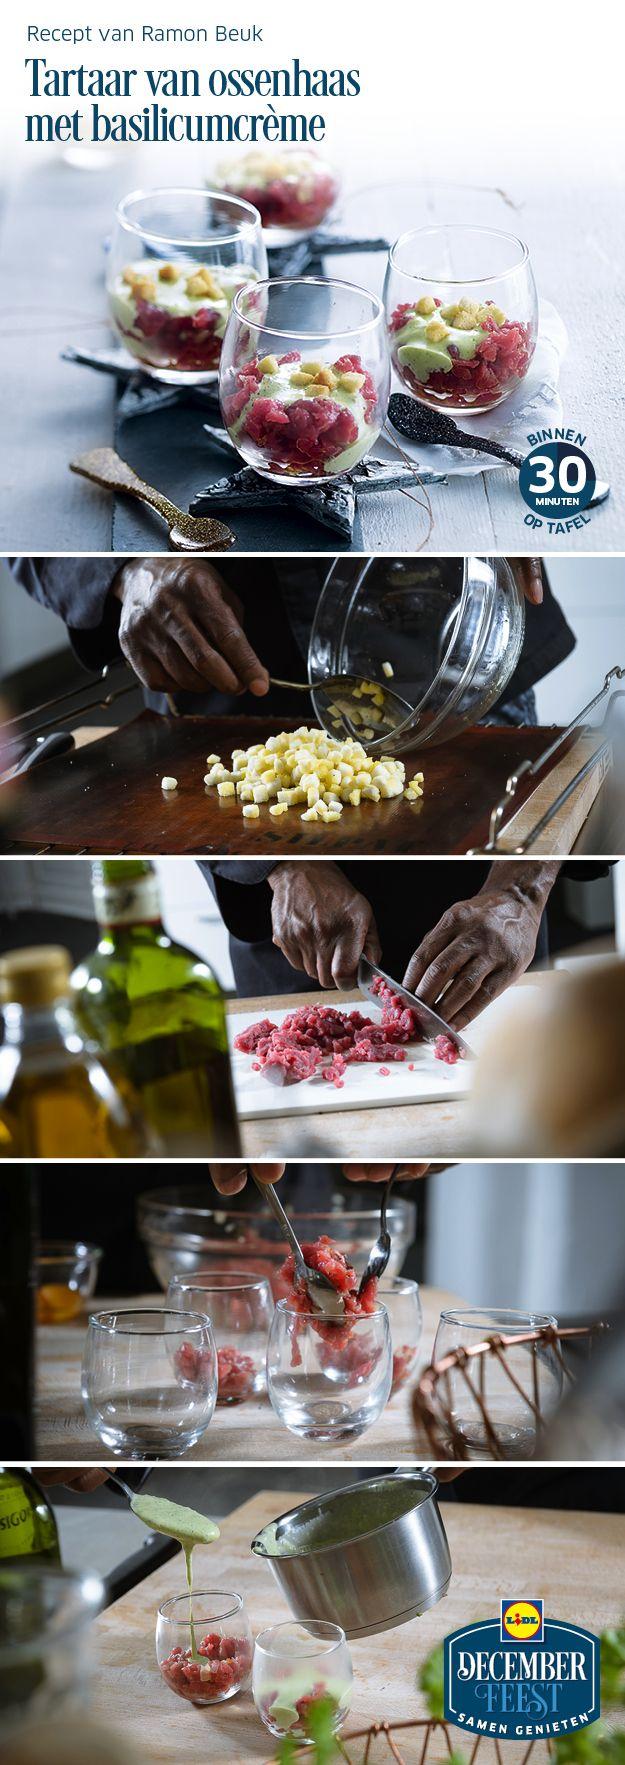 Deze tartaar van ossenhaas met basilicumcrème is gemakkelijk zelf te bereiden! Meer December Feest recepten ontdekken? Kijk op www.lidl.nl #Lidl #Decemberfeest